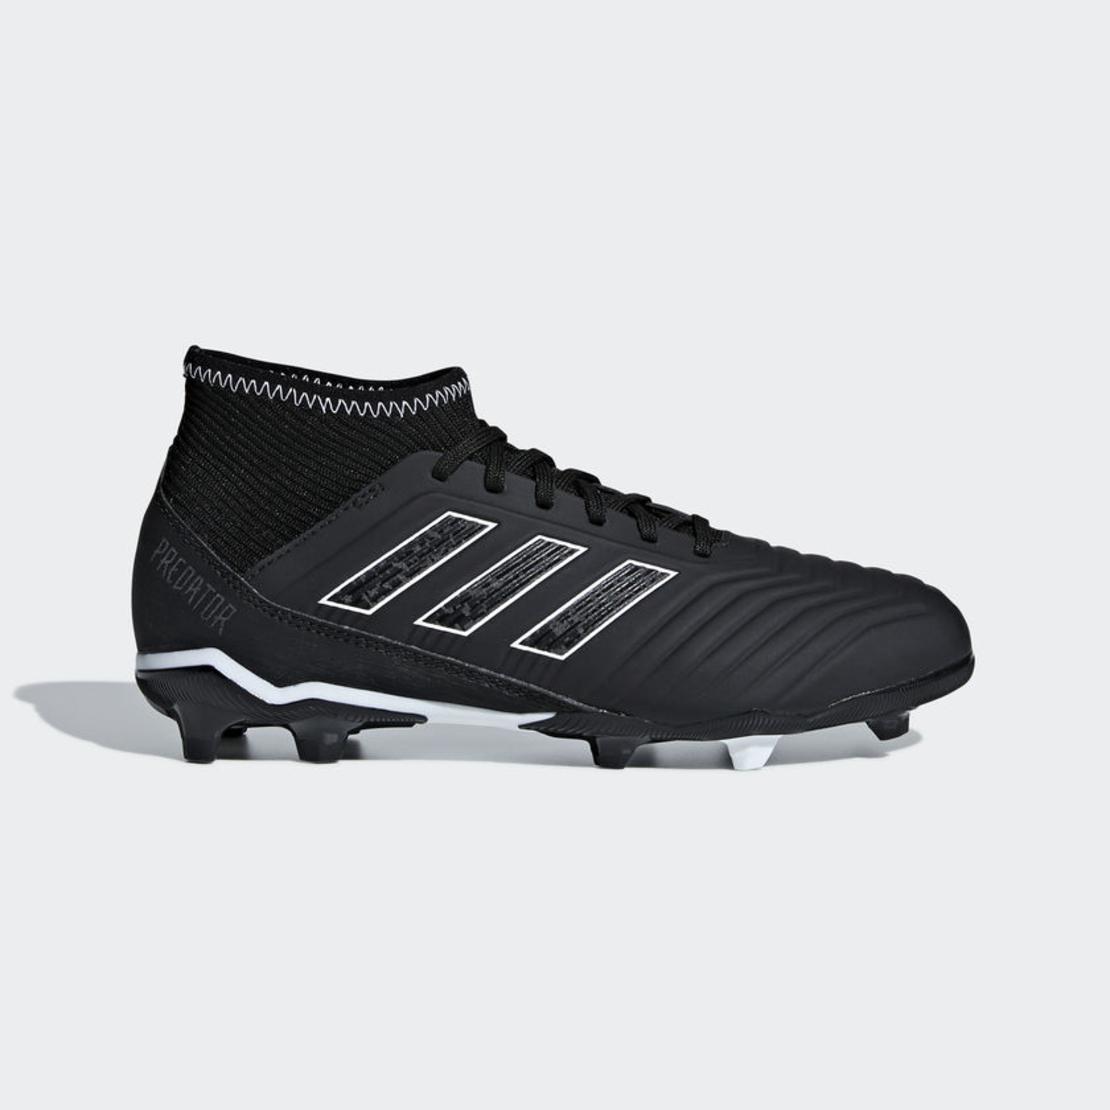 נעלי כדורגל לדשא ADIDAS PREDATOR 18.3 FG J (28-38.5) DB2320